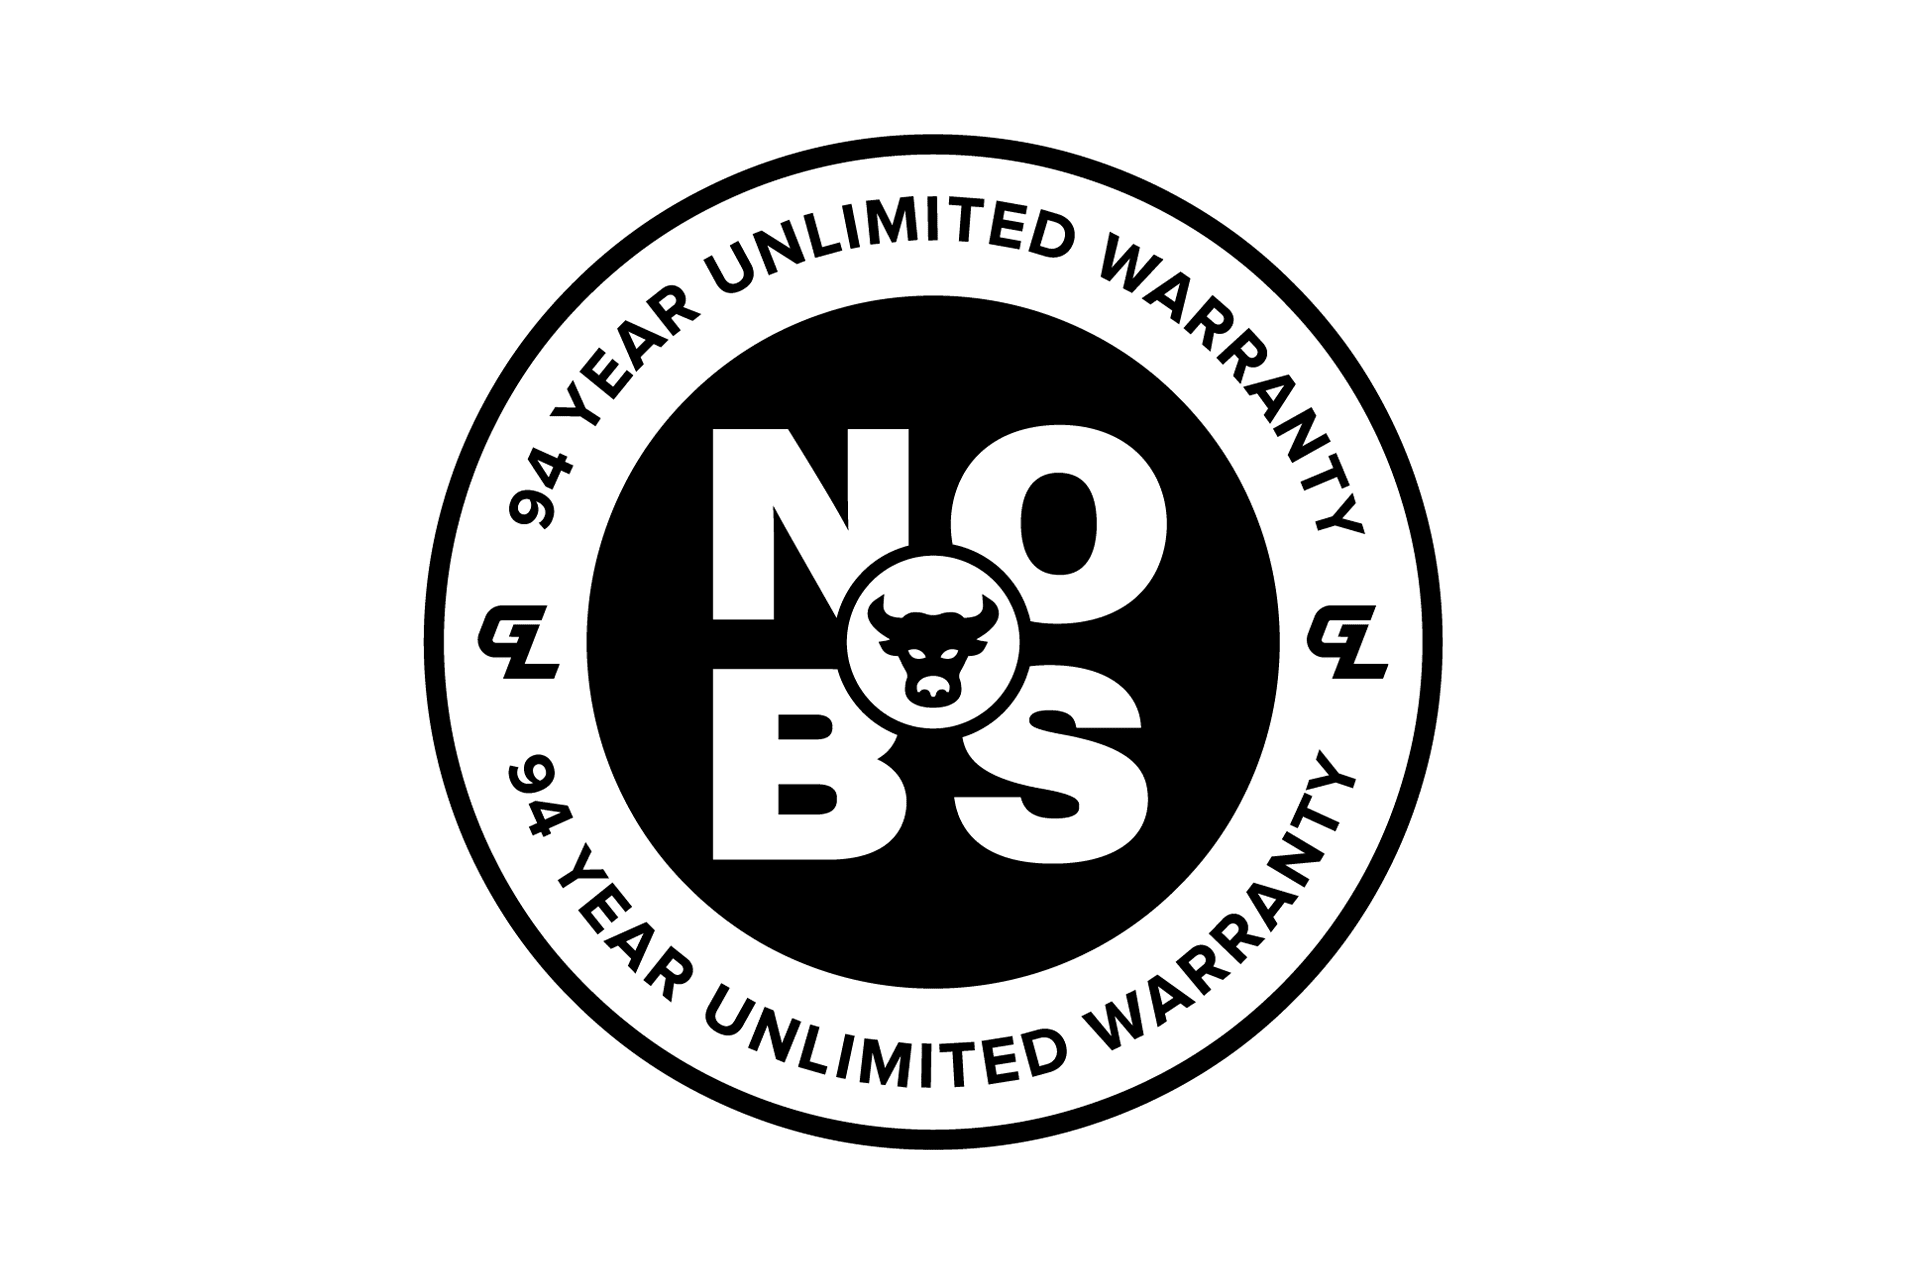 No BS 94 Year Warranty